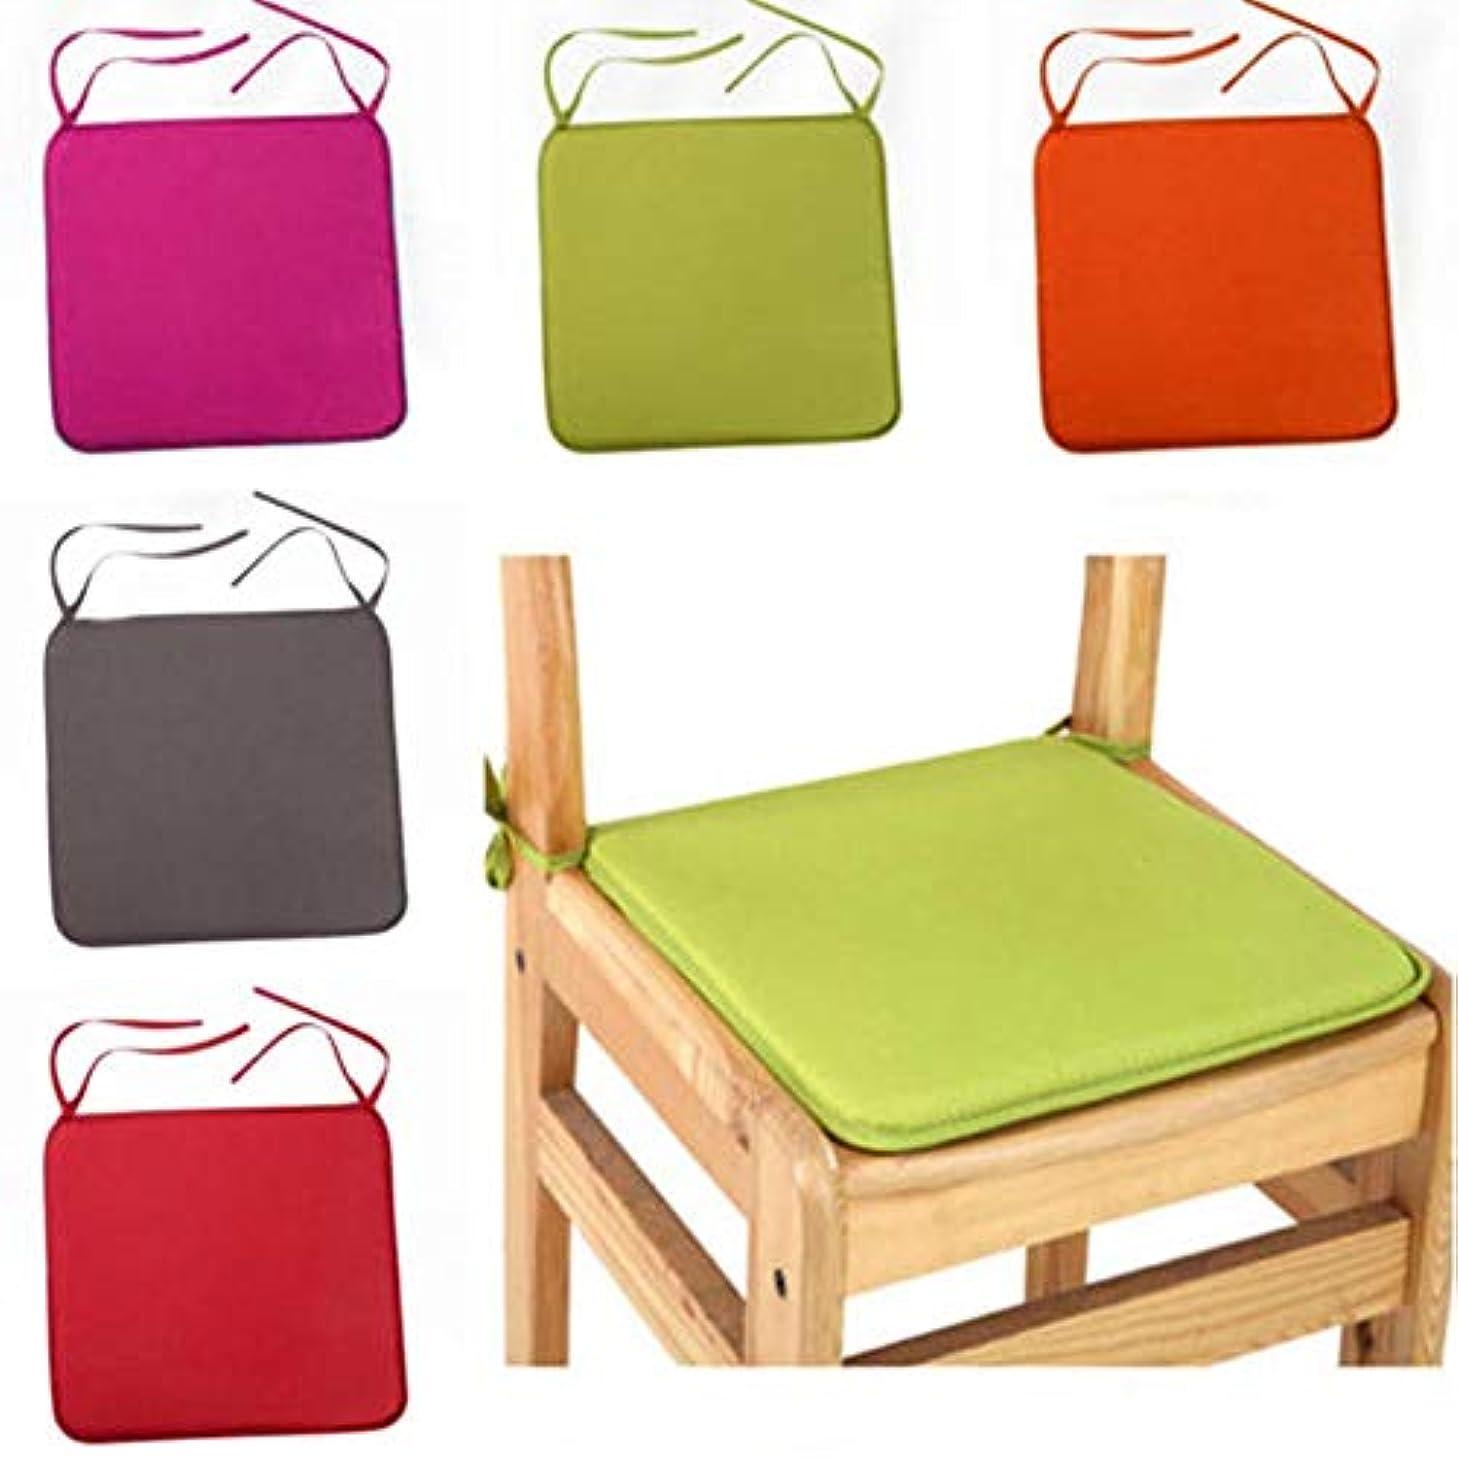 株式裁判所浸透するLIFE 40 × 40 センチメートルの椅子のクッションシートダイニング椅子屋外屋内キッチンスクエアソフトネクタイ椅子パッドホーム装飾 クッション 椅子